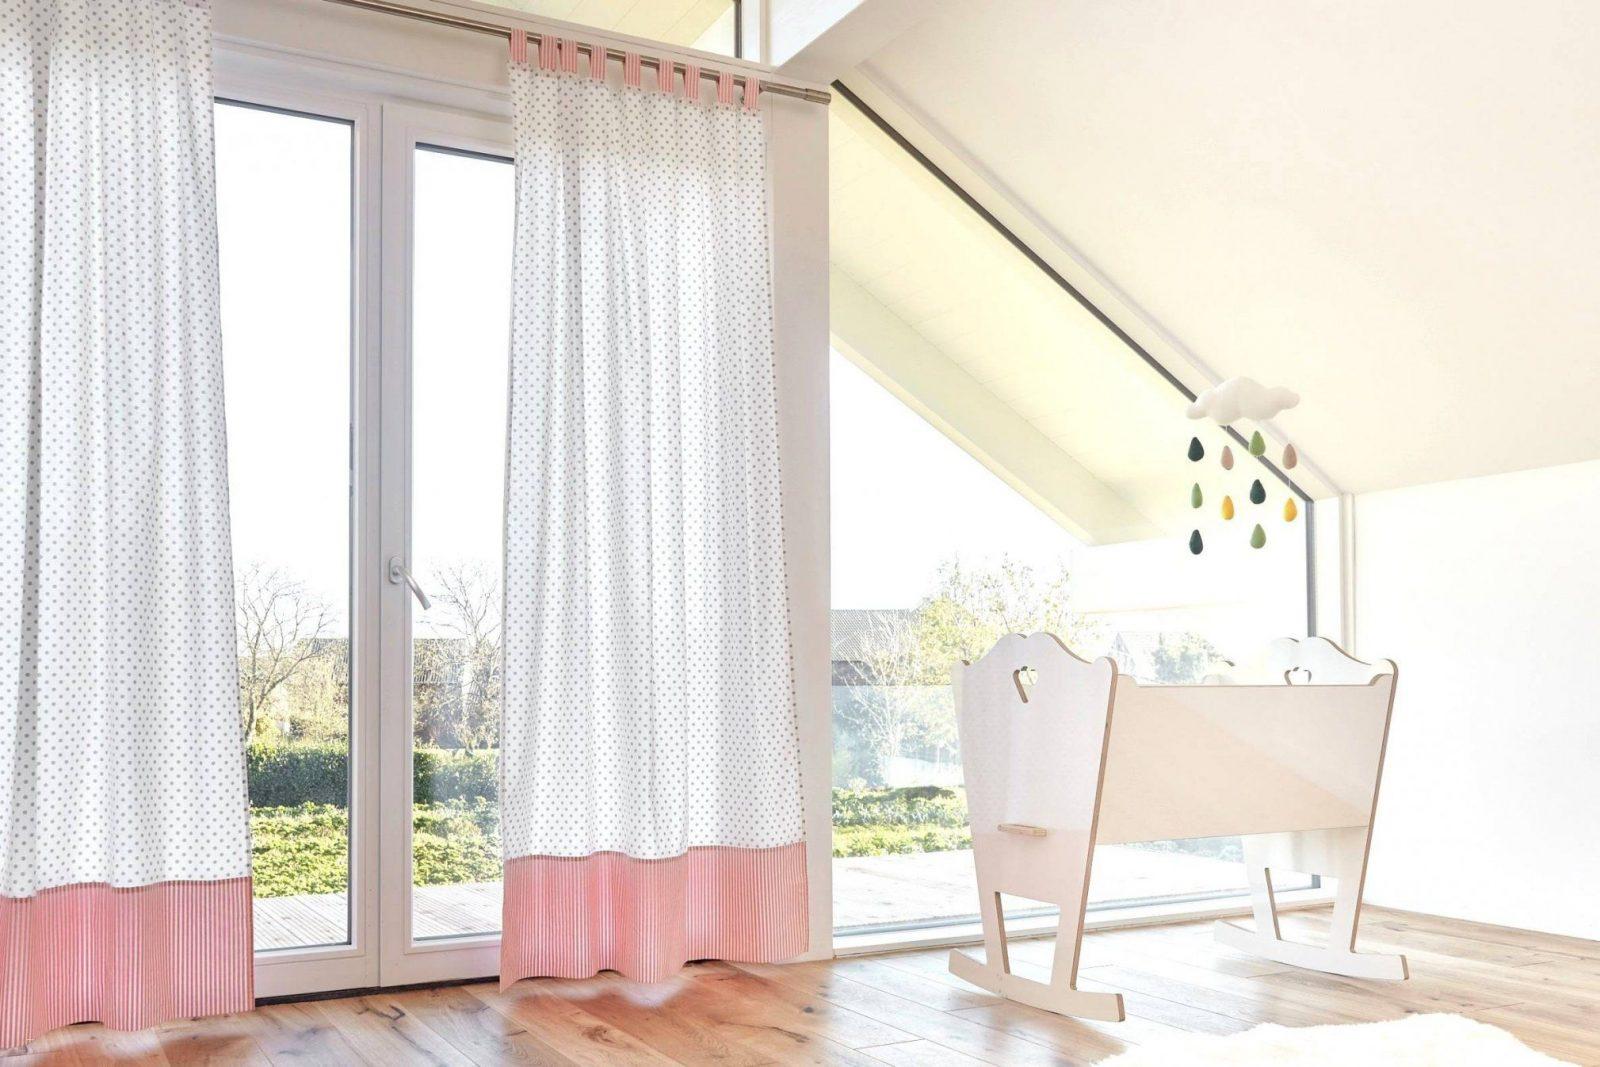 Wohnideen  Designer Gardinen Auch Schön Gardinen Schlafzimmer von Gardinen Schlafzimmer Wohnideen Bild